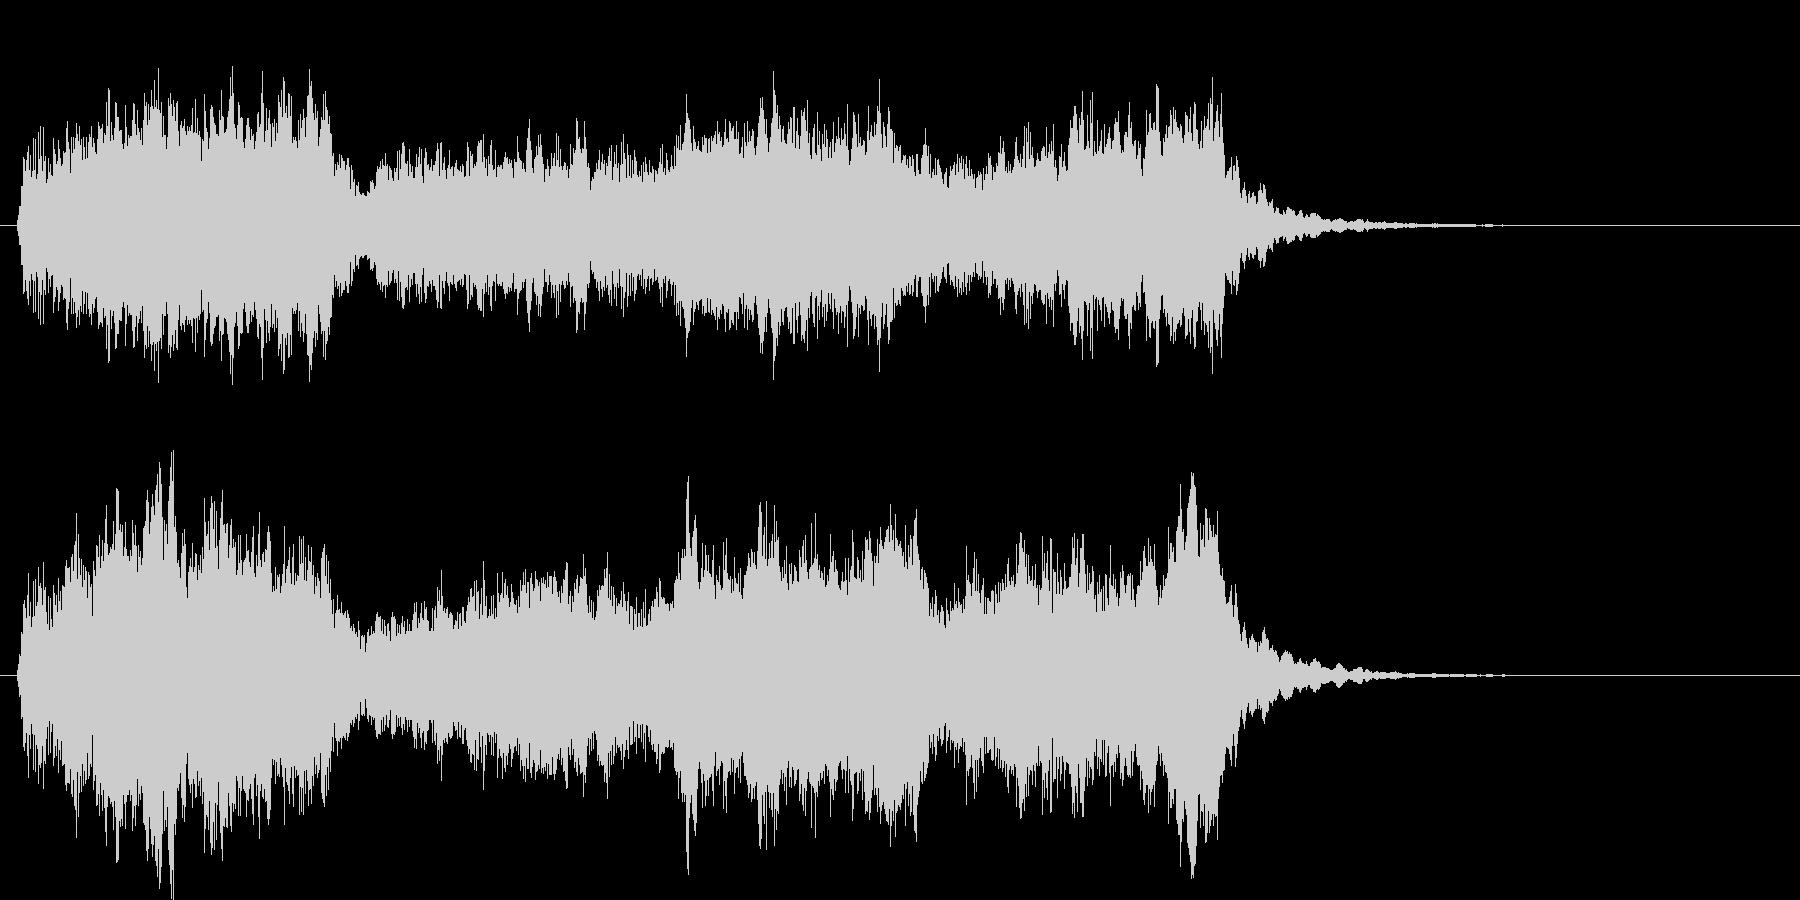 ストリングスオーケストラ調の未再生の波形